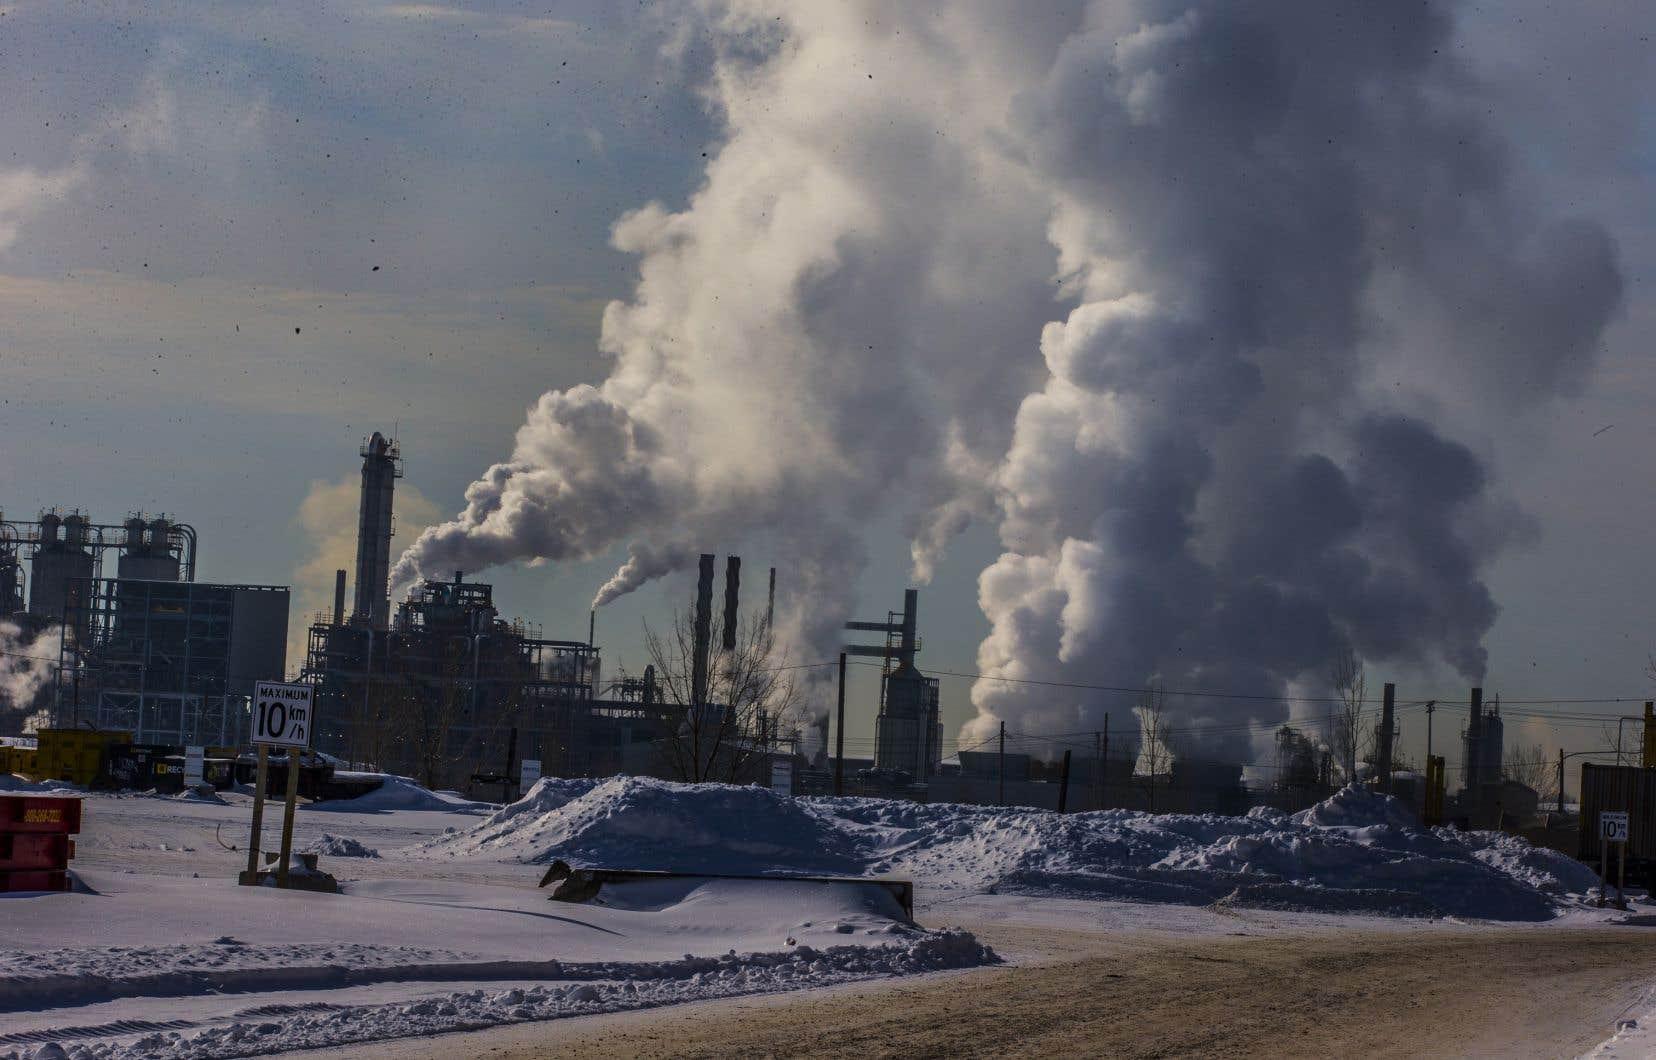 Ils saisissent la justice dans l'espoir de forcer la main des autorités canadiennes et les amener non seulement à rehausser leur cible de réduction des émissions de gaz à effet de serre, mais aussi à déployer les mesures nécessaires pour atteindre cette cible.